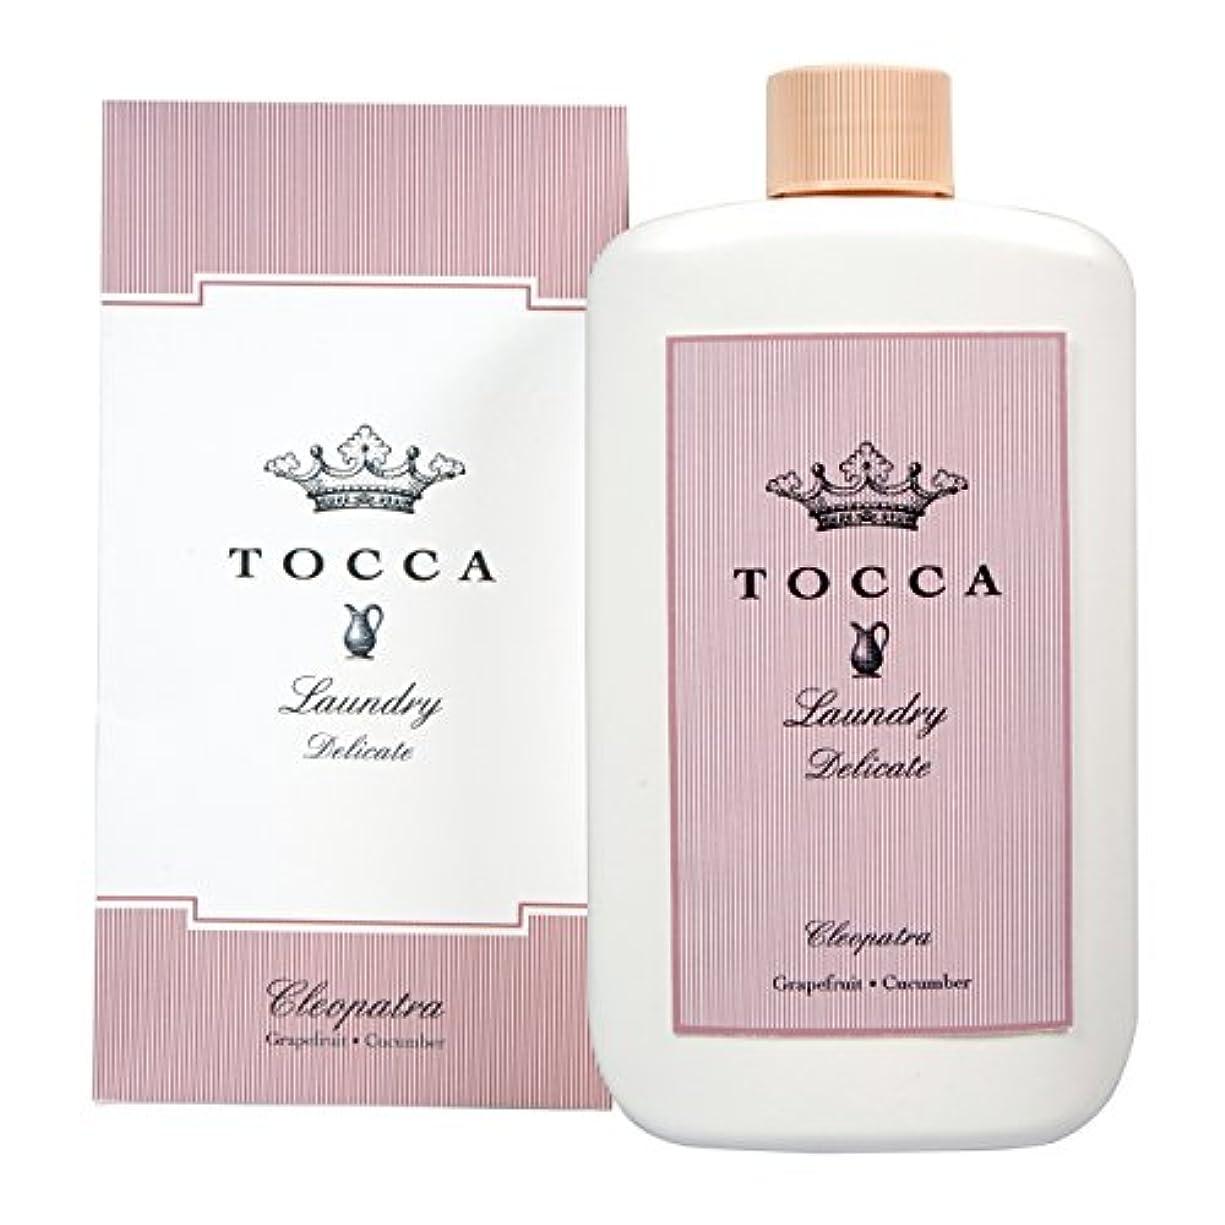 制限認知倍増トッカ(TOCCA) ランドリーデリケート クレオパトラの香り 235ml (デリケート素材用洗剤 洗濯用合成洗剤 グレープフルーツとキューカンバーのフレッシュでクリーンな香り)